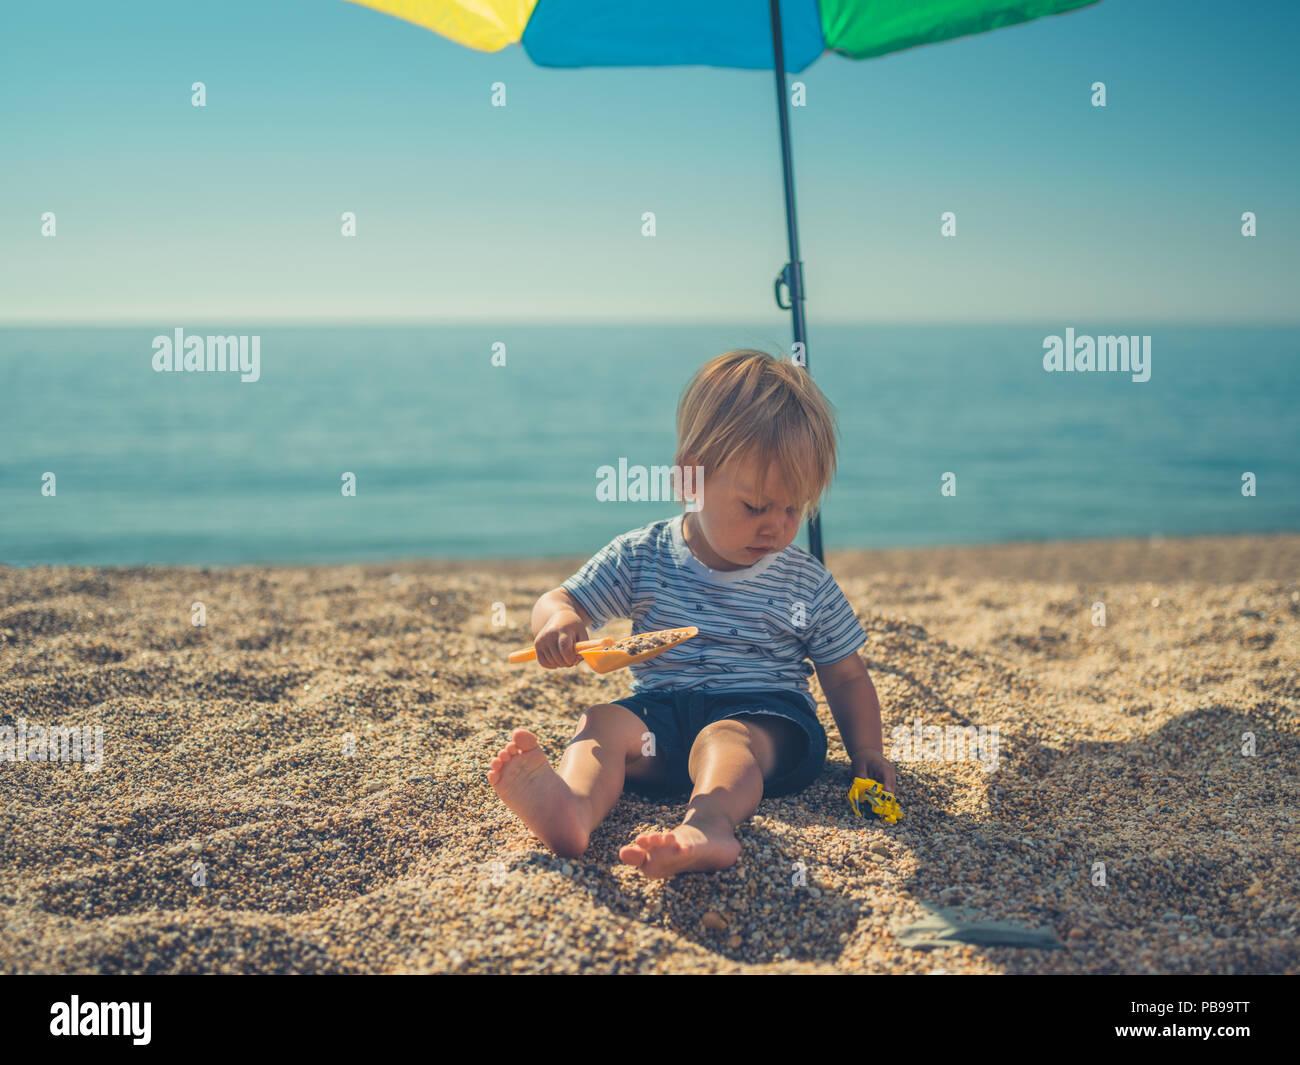 Ombrellone Piccolo Da Spiaggia.Un Piccolo Bambino E Seduto Da Se Stesso Sotto Un Ombrellone